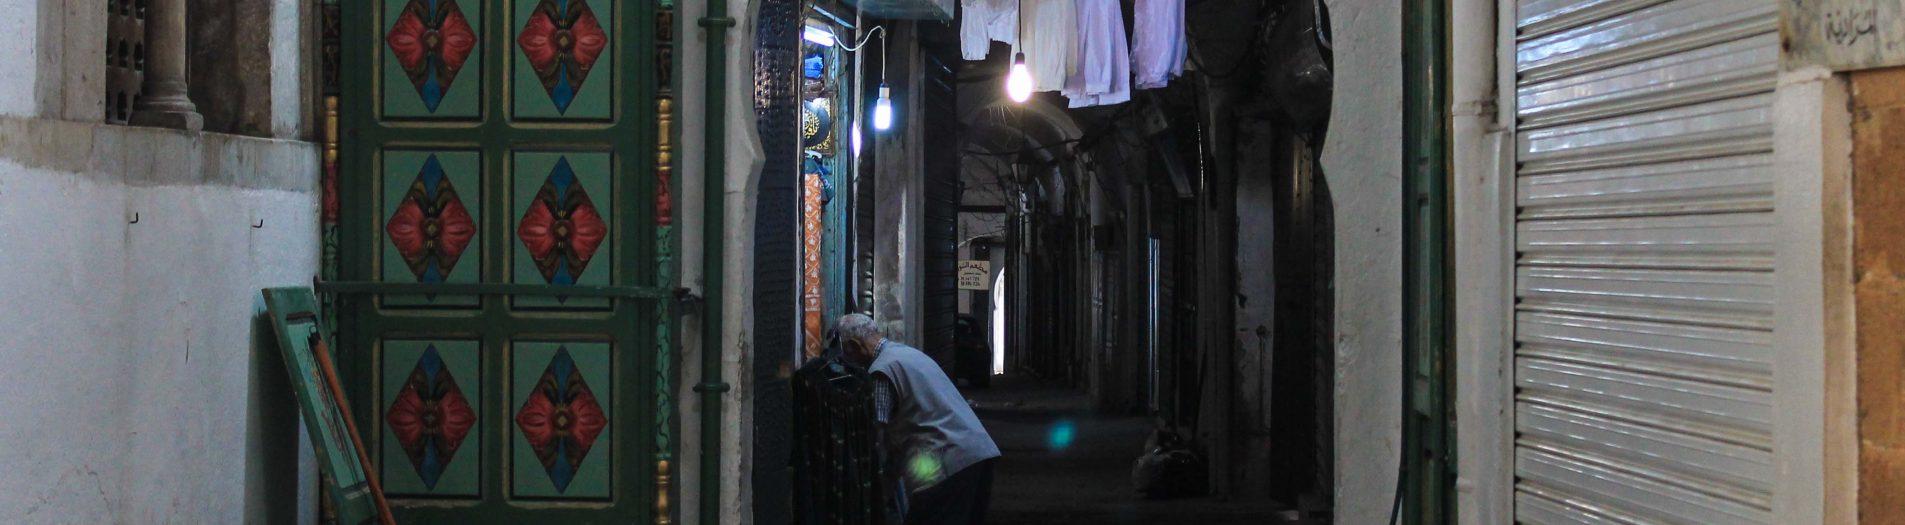 سوق القماش بمدينة تونس